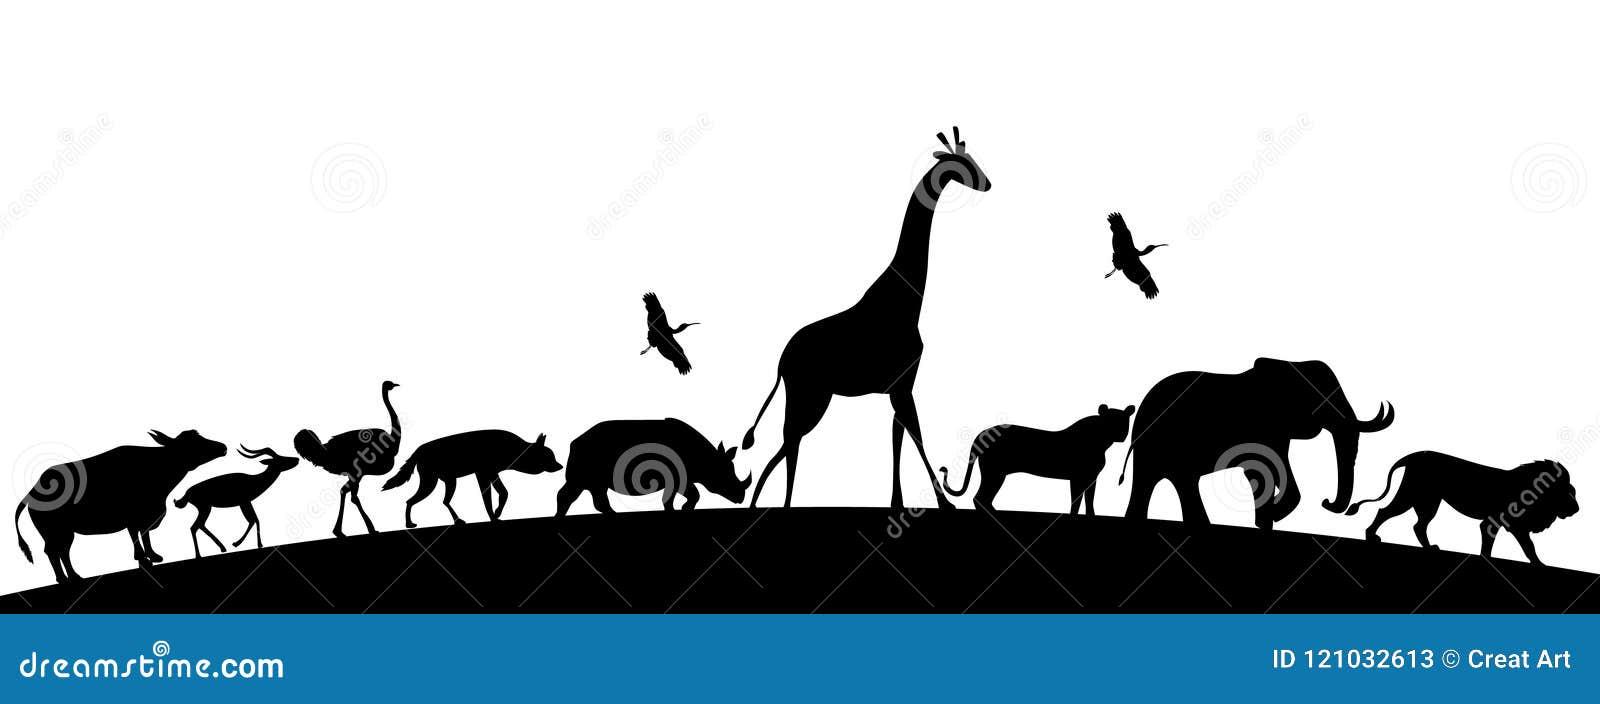 Животное silhoutte, африканские животные, иллюстрация животных сафари